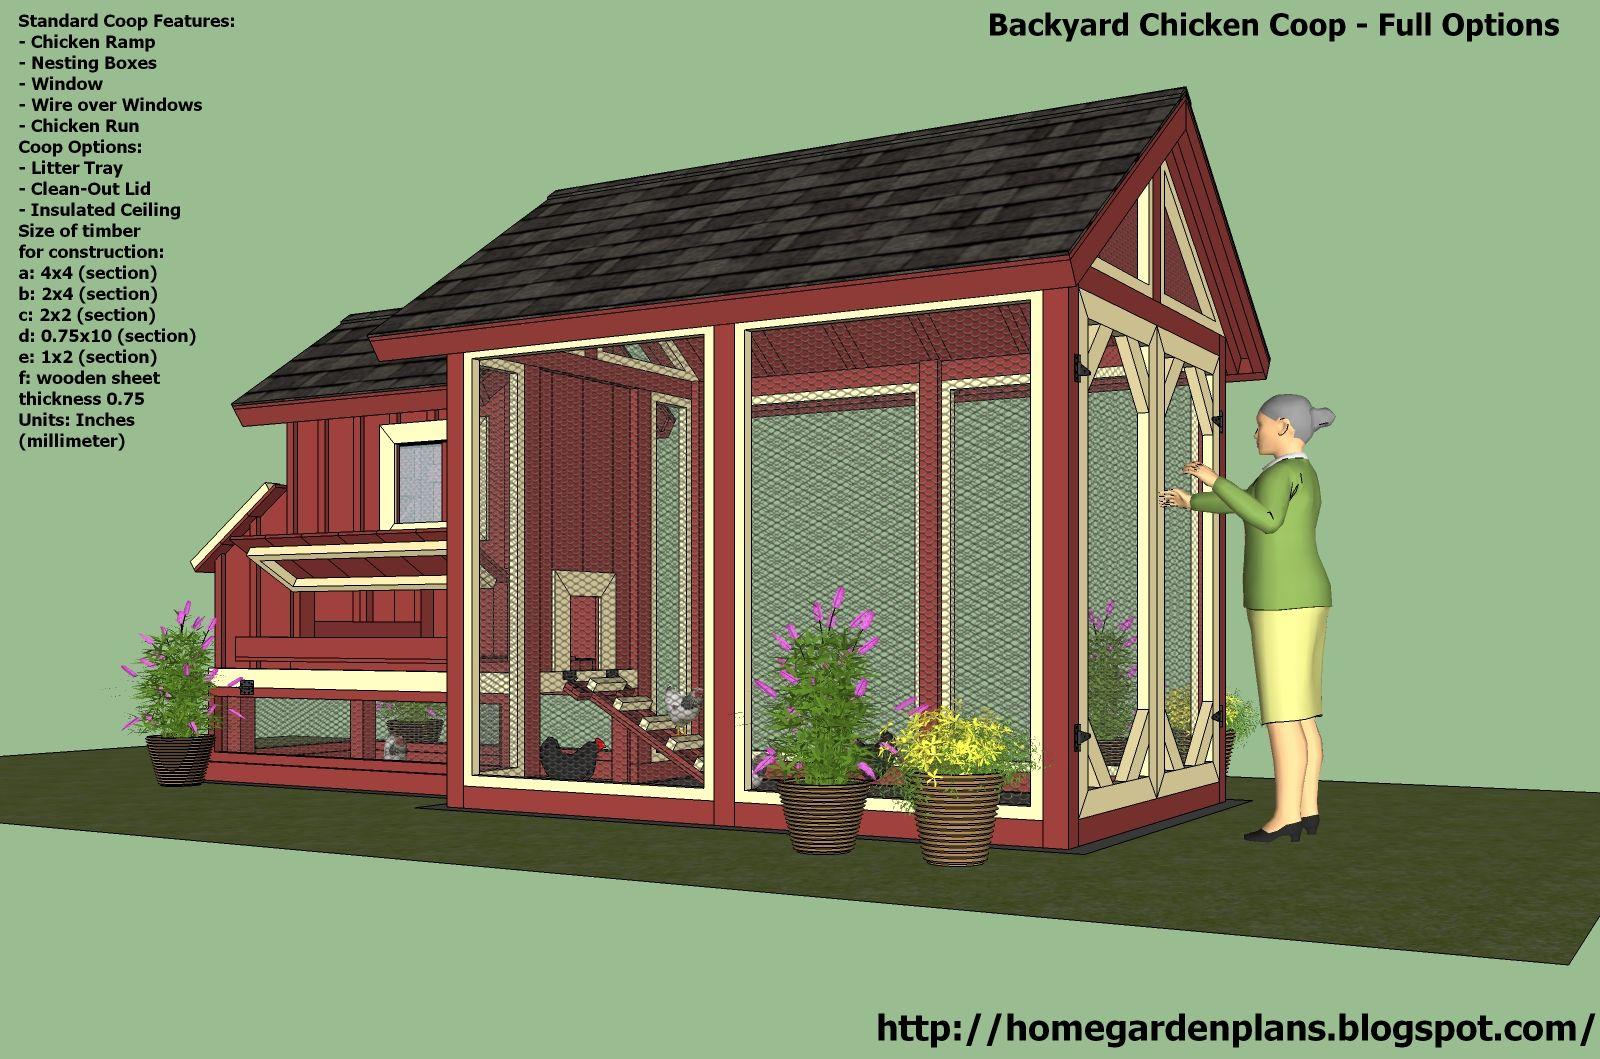 Chicken Coop Ideas Design modern chicken coop design idea 1000 Images About Chicken Coops On Pinterest Chicken Coop Designs Chicken Coop Plans And Chicken Coops